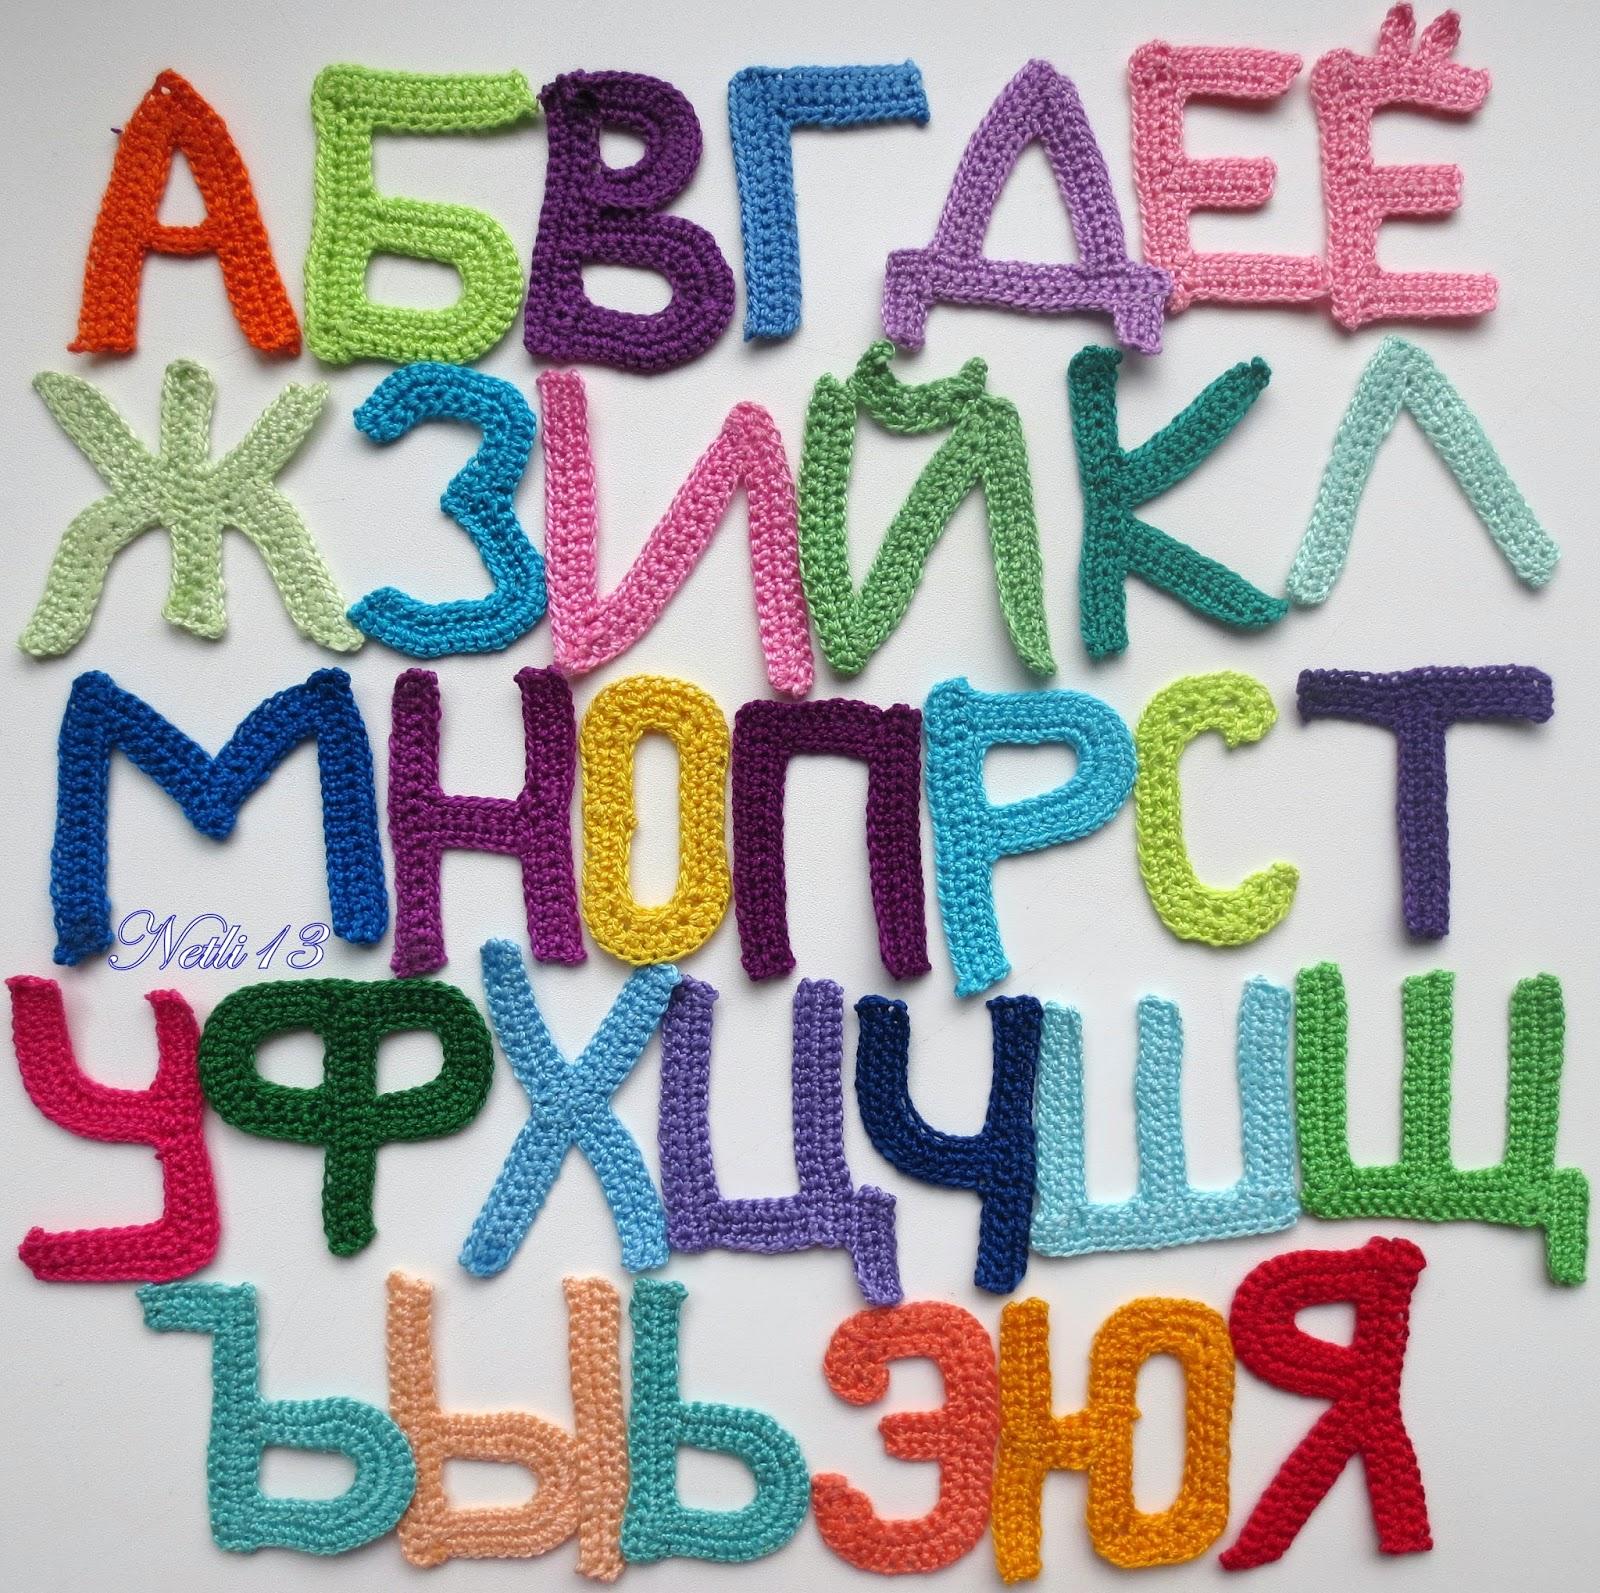 Вязаный алфавит крючком. Схемы для вязания 30